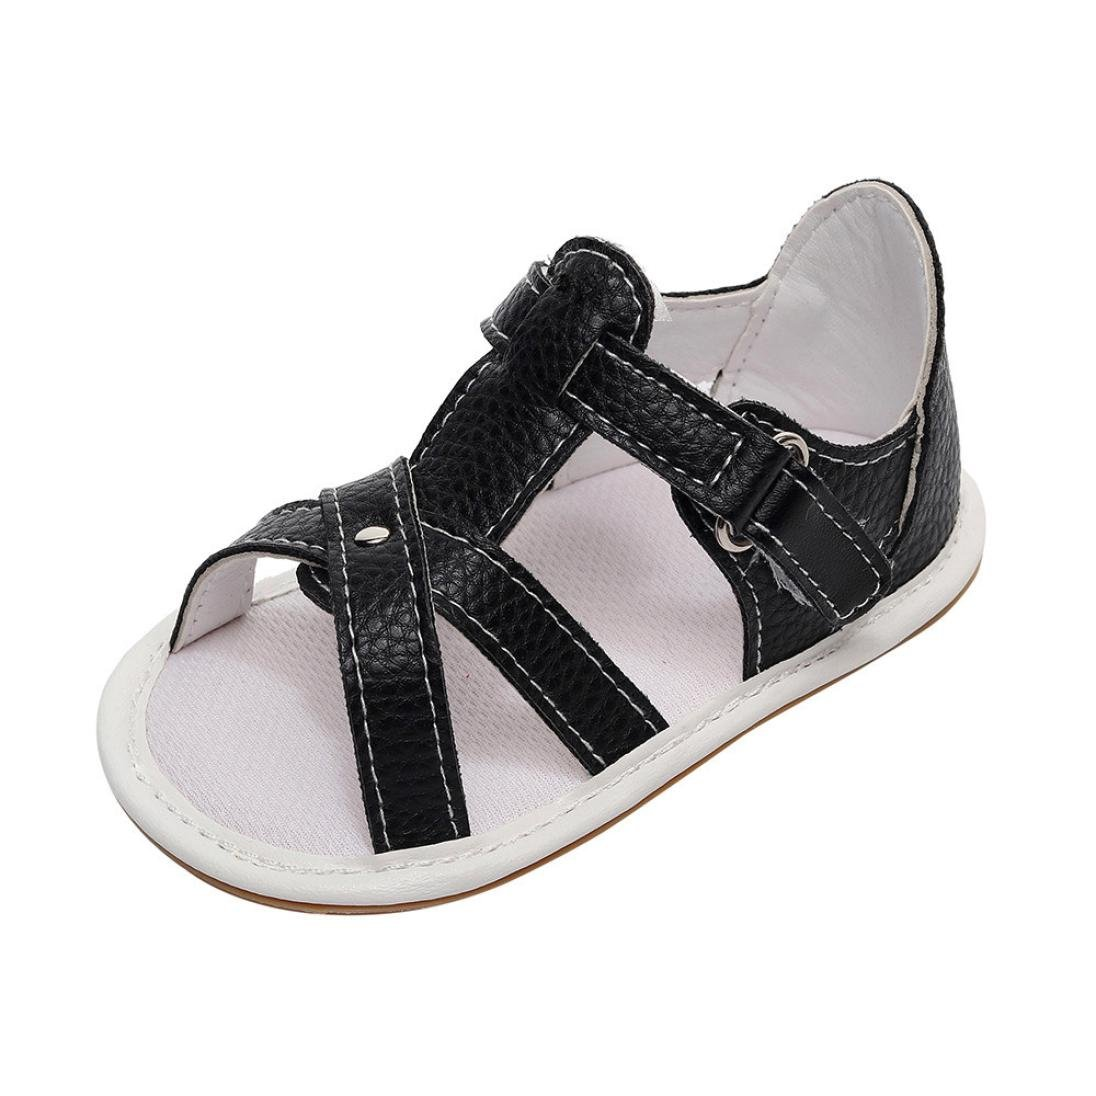 【超ポイント祭?期間限定】 FORESTIME_baby shoes DRESS FORESTIME_baby ユニセックスベビー 9-18 Months ブラック shoes Months B07CKMQD9J, 三郷村:24397de1 --- tadkarecipes.com